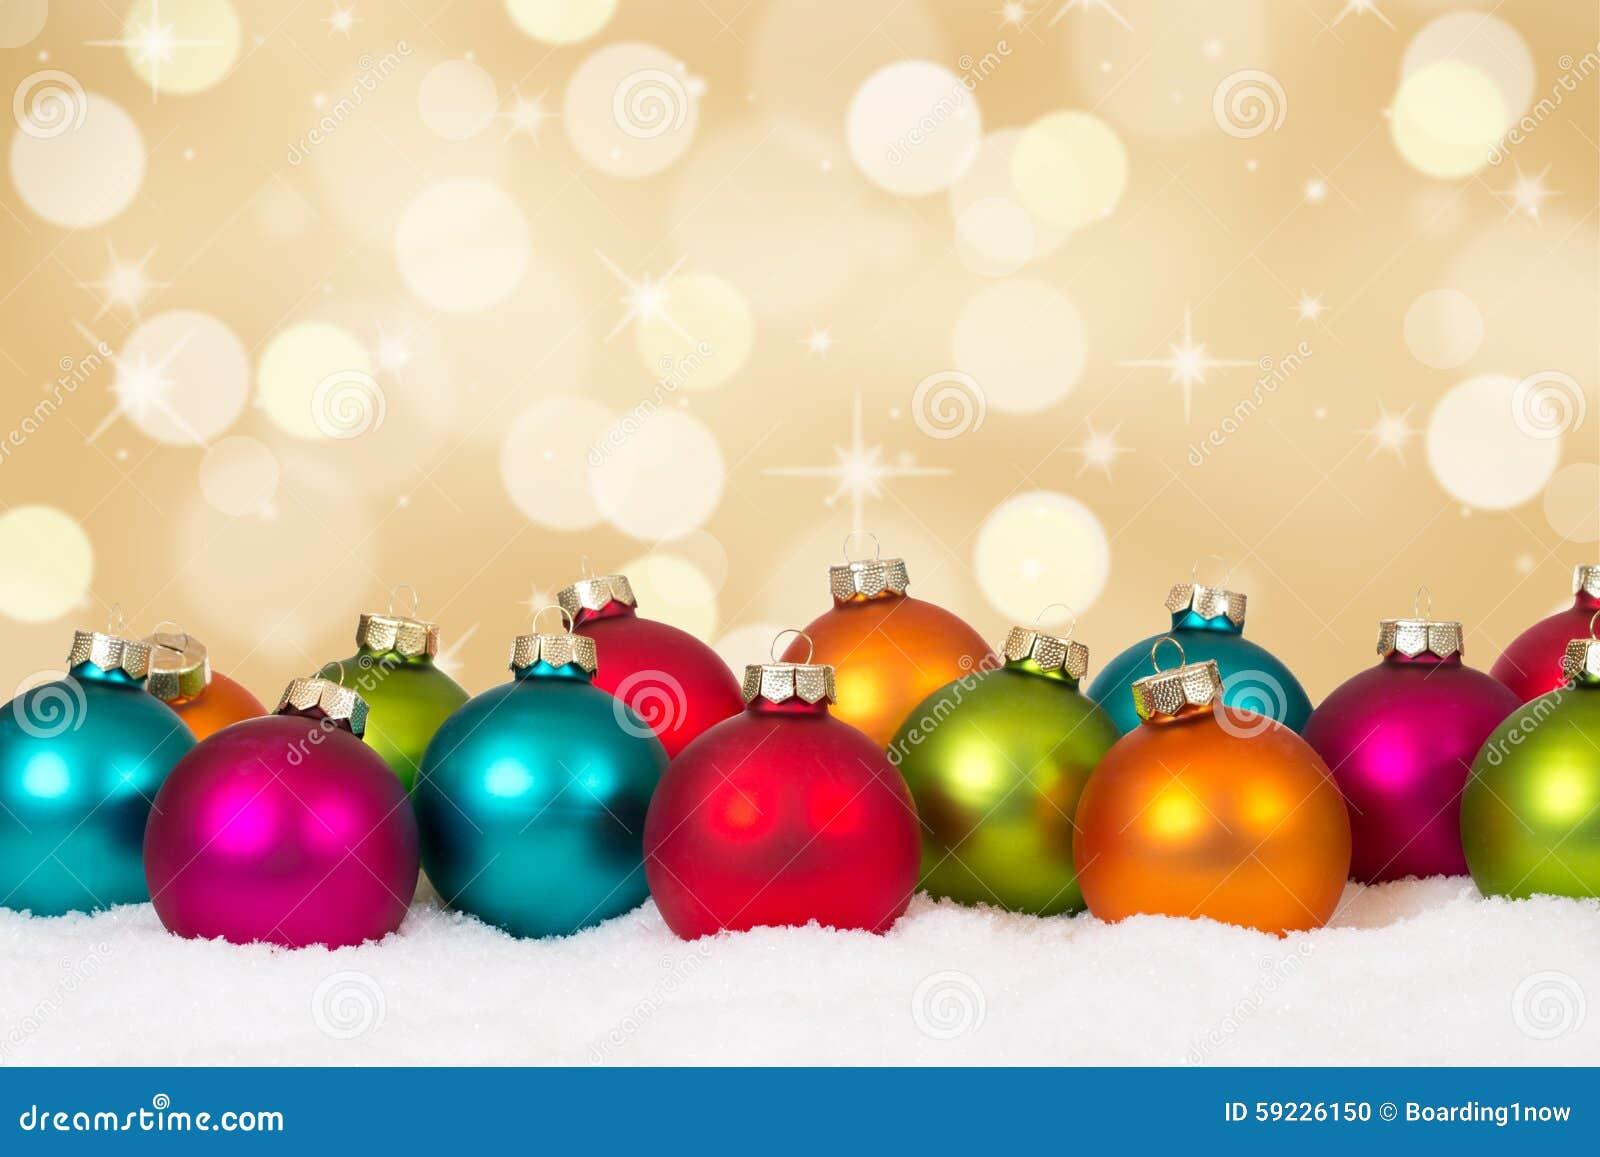 Download Tarjeta De Navidad Decoración De Oro Del Fondo De Muchas Bolas Coloridas Foto de archivo - Imagen de colorido, ornamento: 59226150